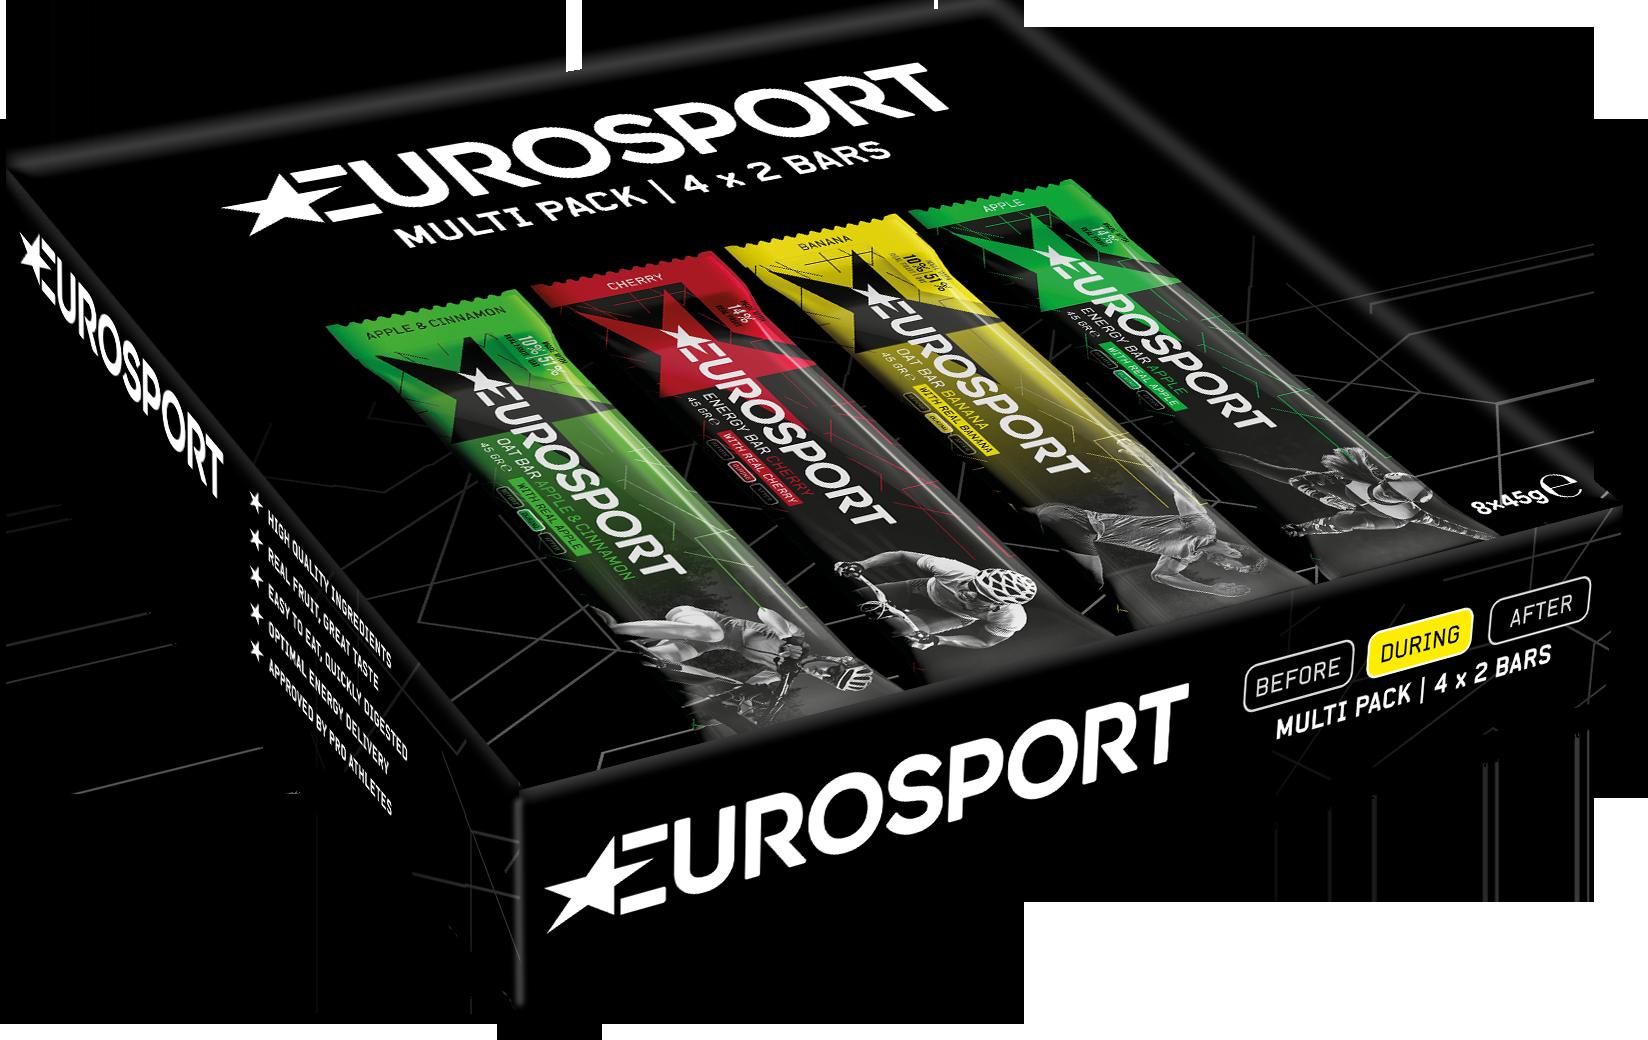 Eurosport - Multi Pack - 3D